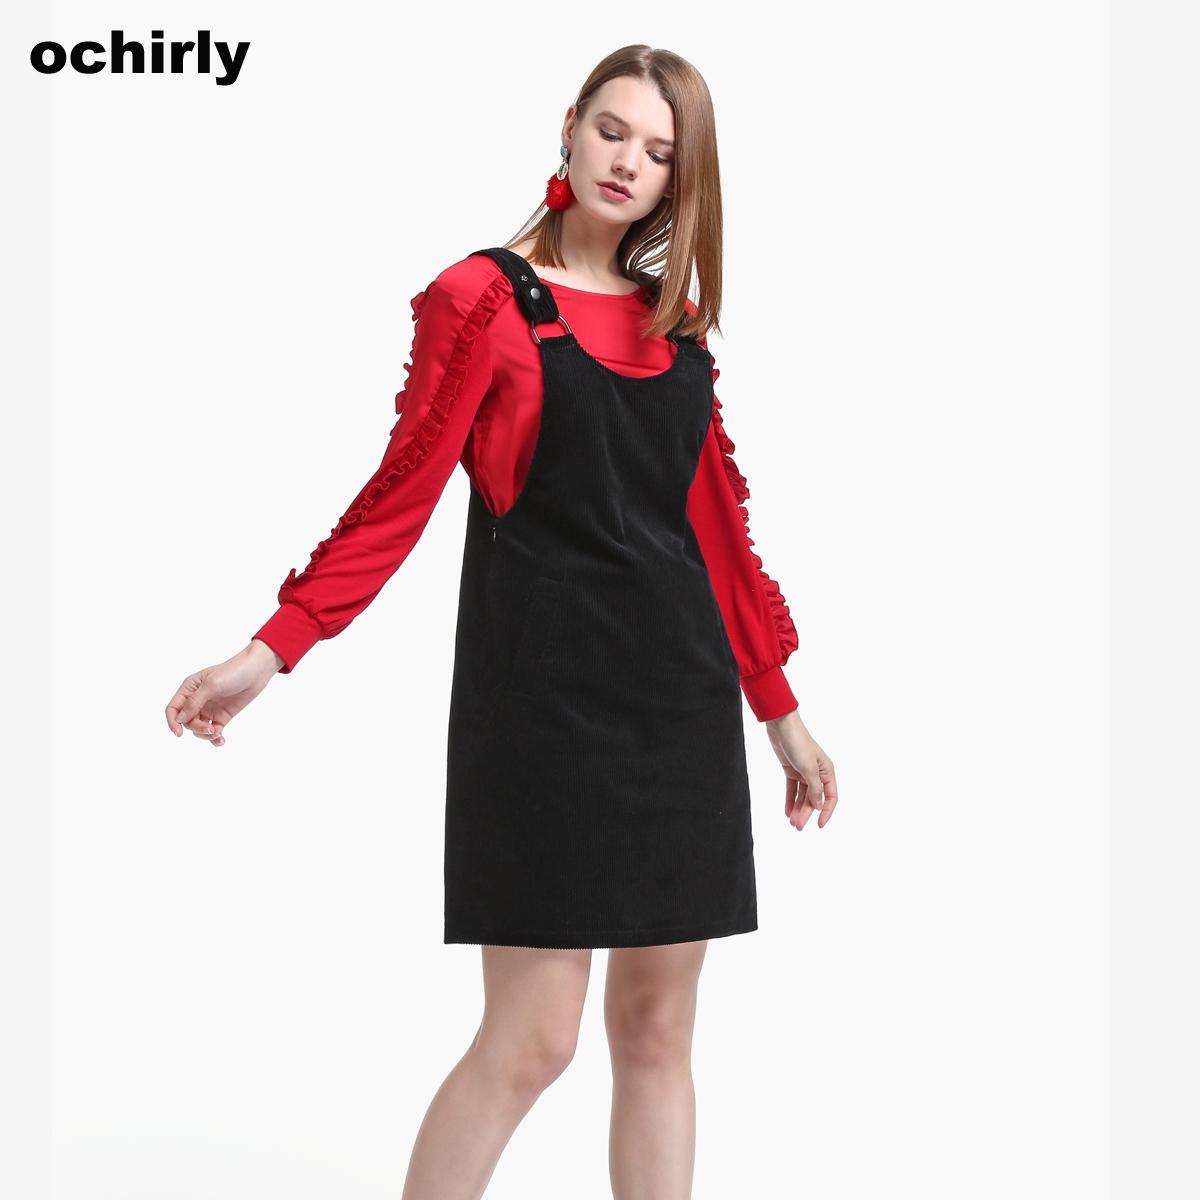 【双11返场184元】ochirly欧时力灯芯绒背带连衣裙1JZ3085110